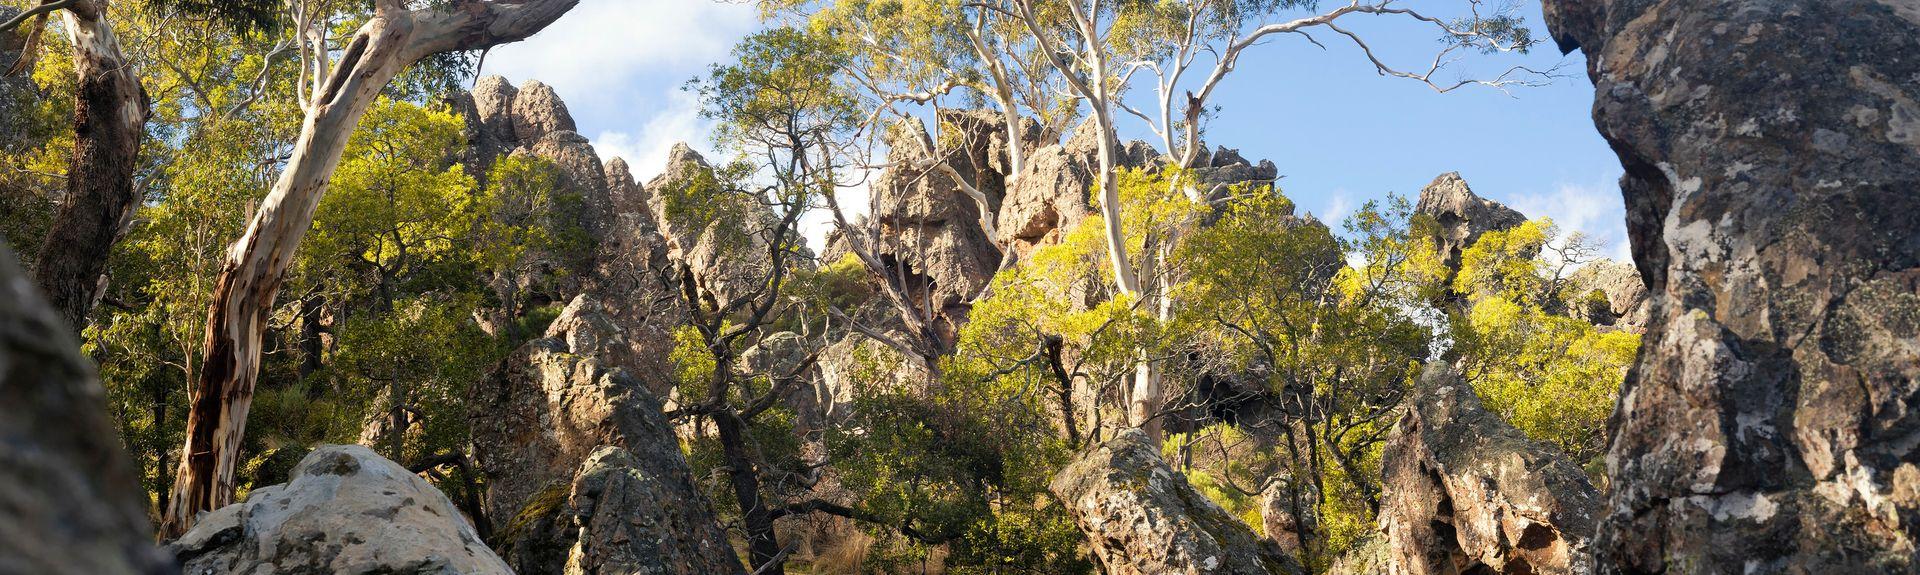 Woodend, Wiktoria, Australia